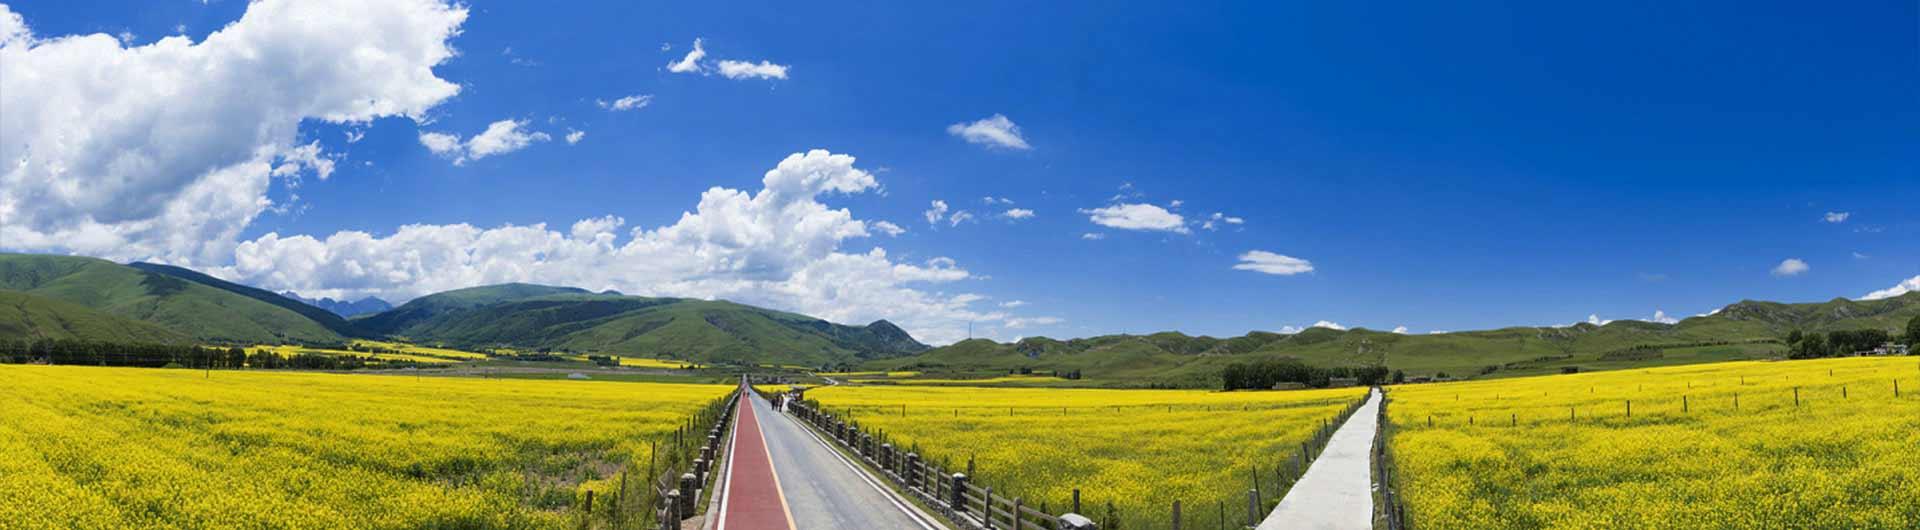 成都川藏线自驾游热门路线